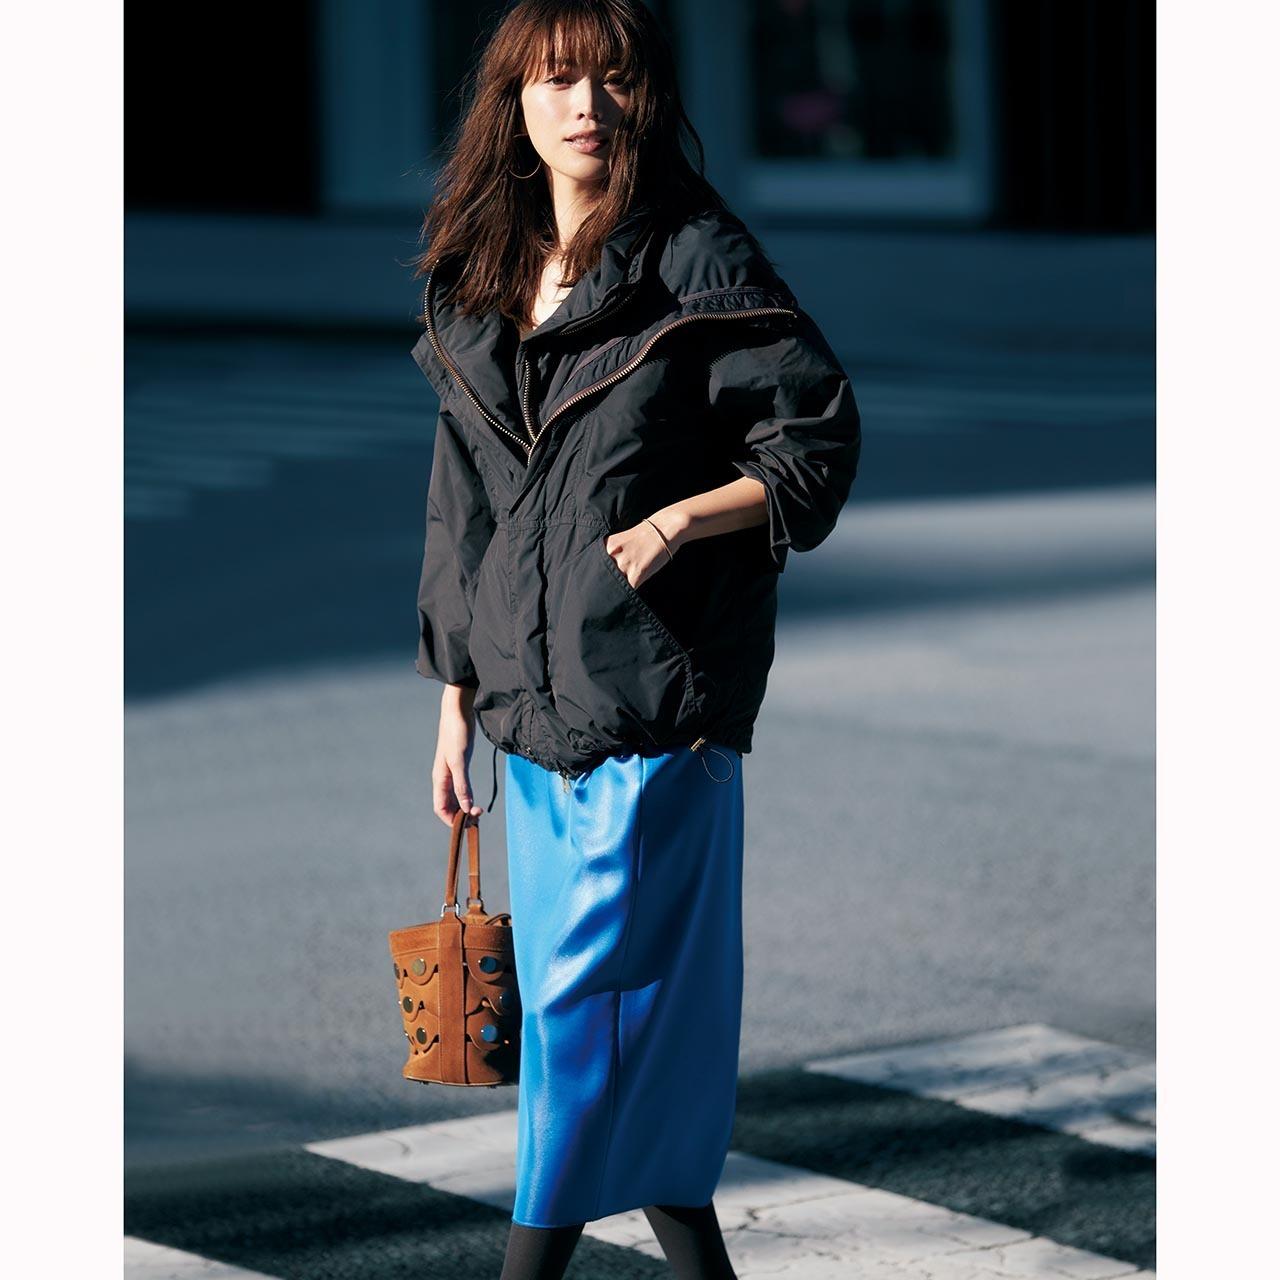 ブルーサテンスカート×ブルゾンのファッションコーデ